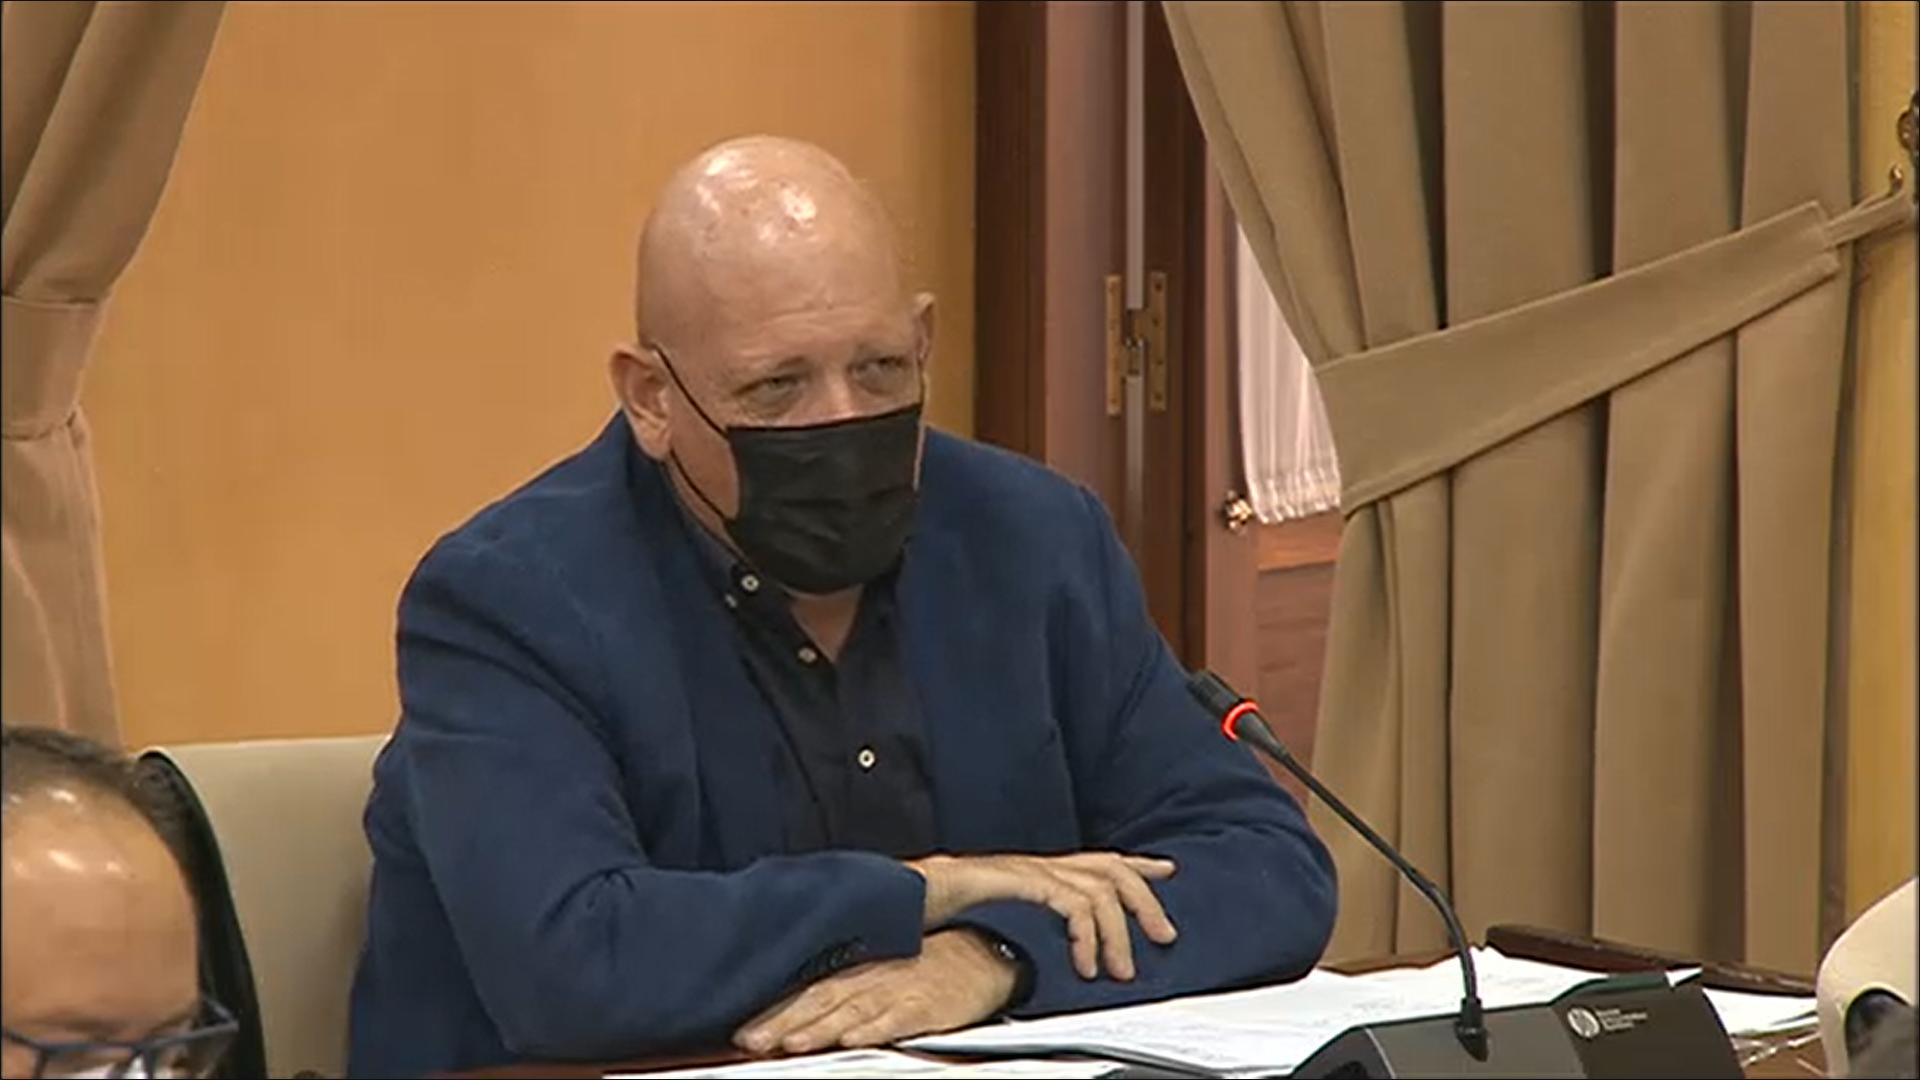 """Gerardo Sánchez reclama a la Junta que las obras de la carretera A-4154 """"acaben ya"""" y exige explicaciones por el retraso"""